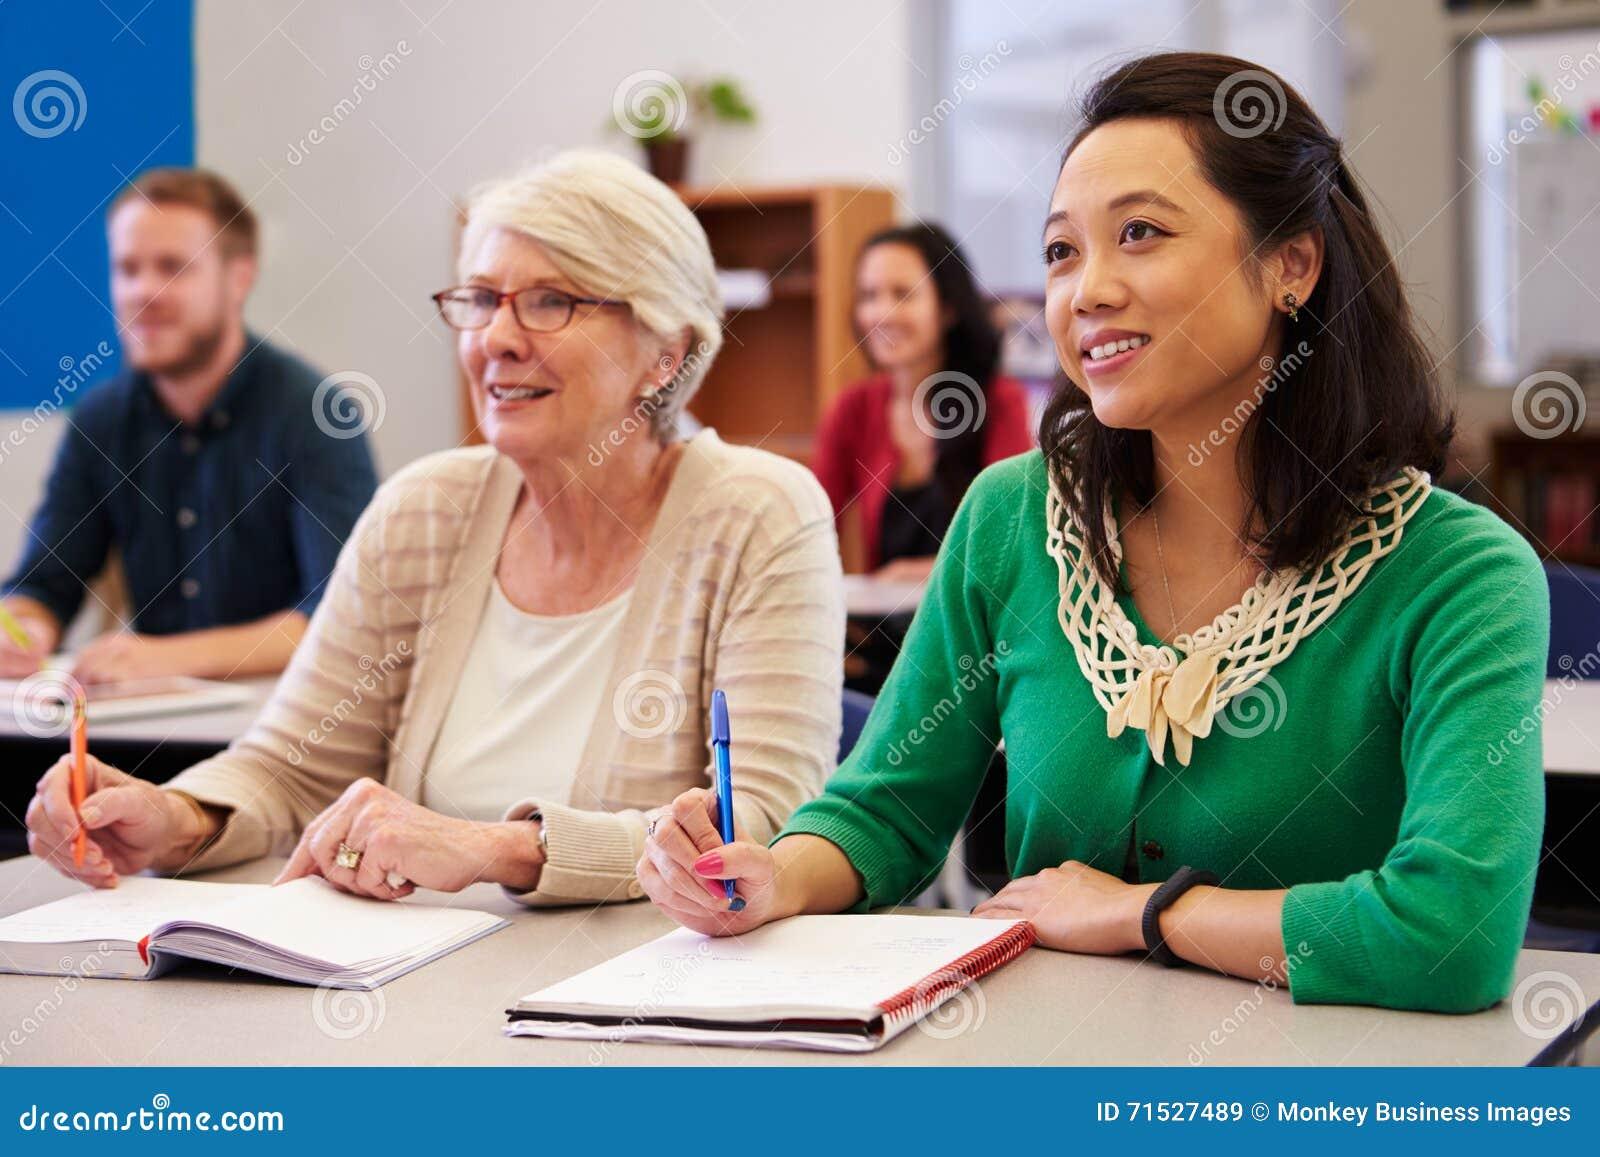 Due donne che dividono uno scrittorio ad una classe dei corsi per adulti cercano